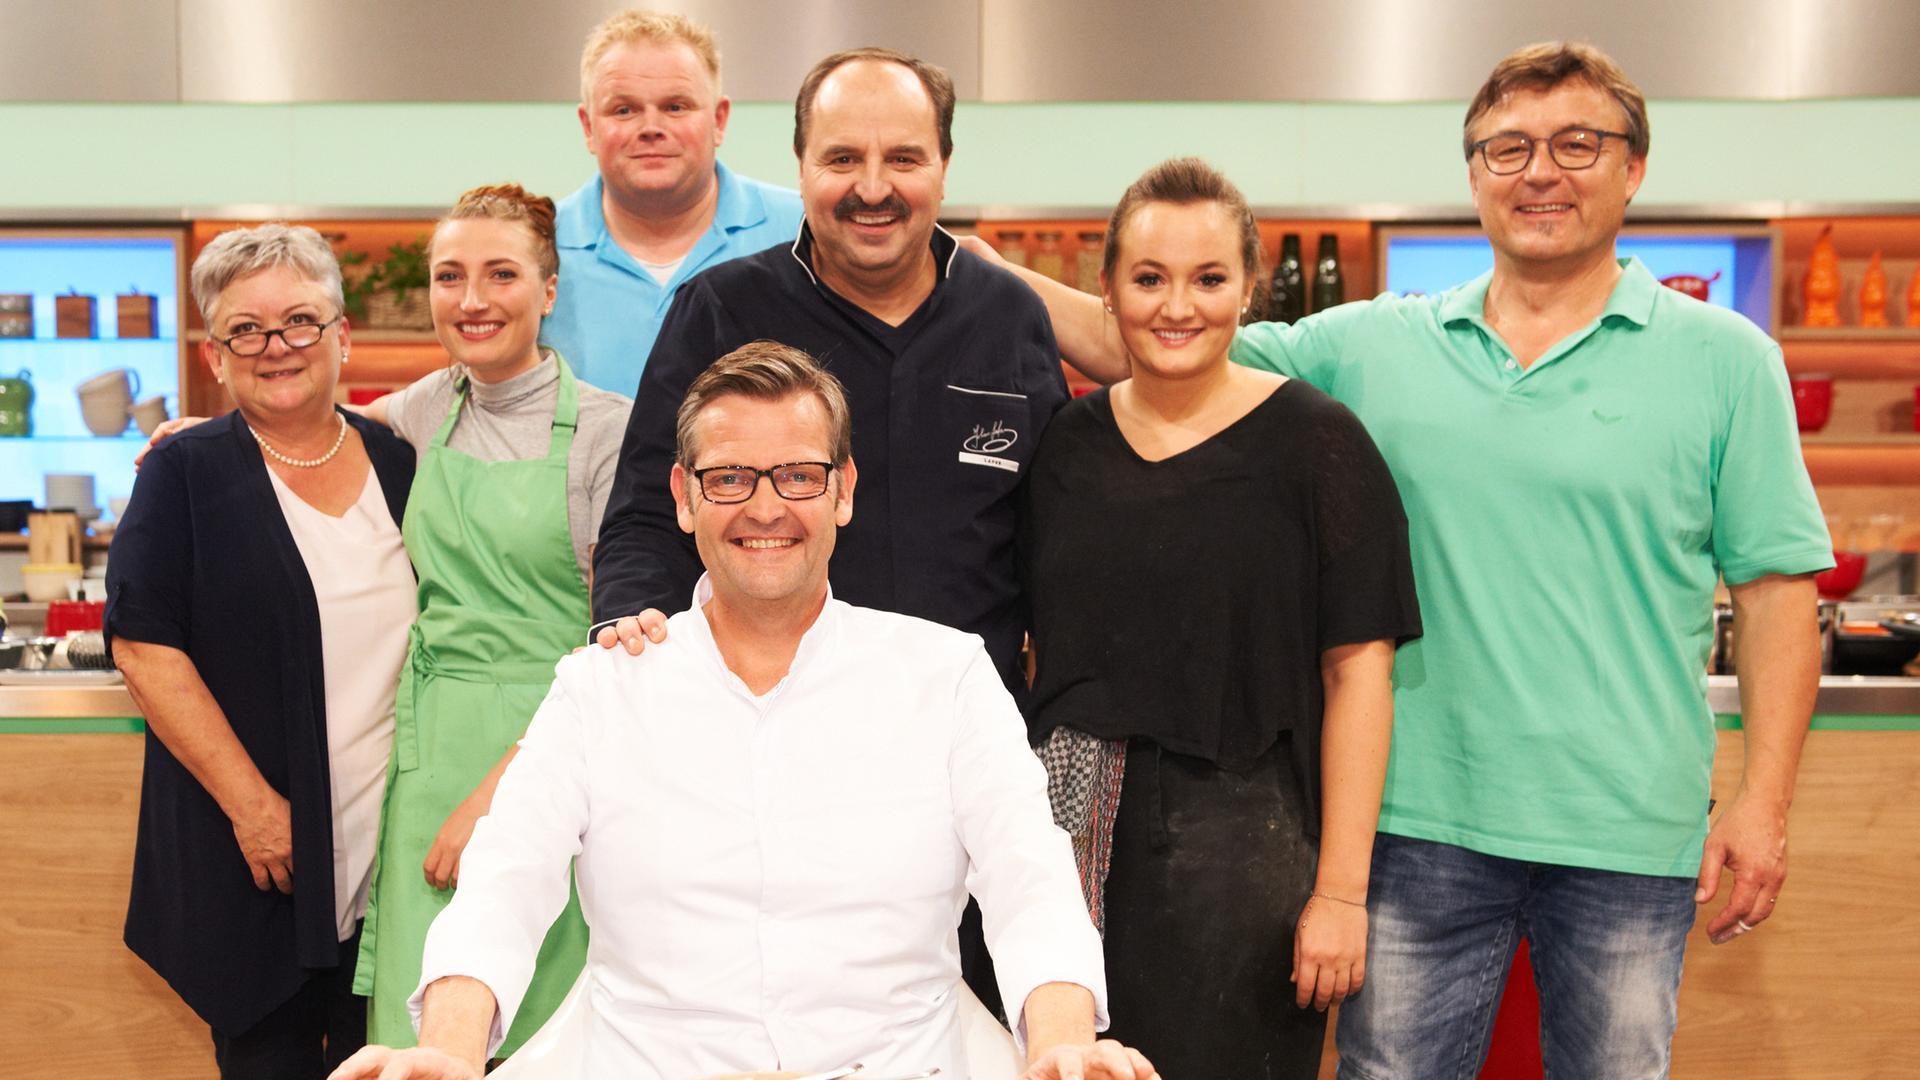 Die Küchenschlacht vom 11. Oktober 2017 - ZDFmediathek